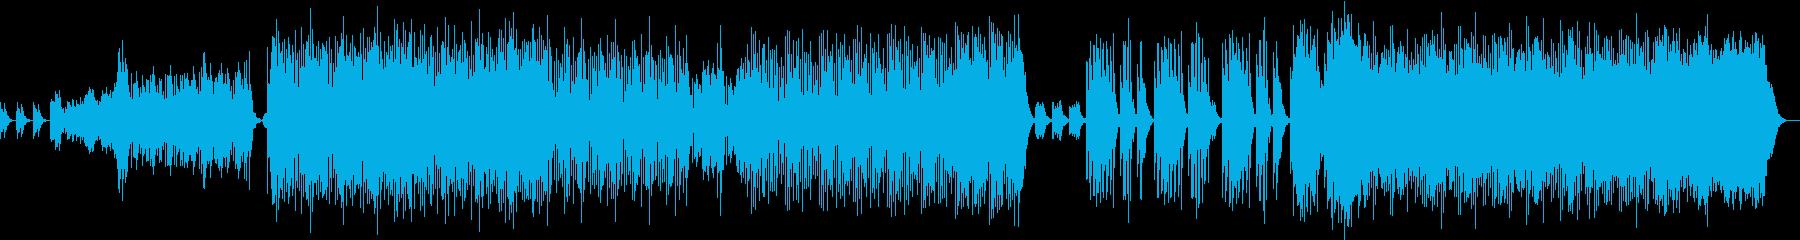 スローで妖しげ壮大な曲です。の再生済みの波形